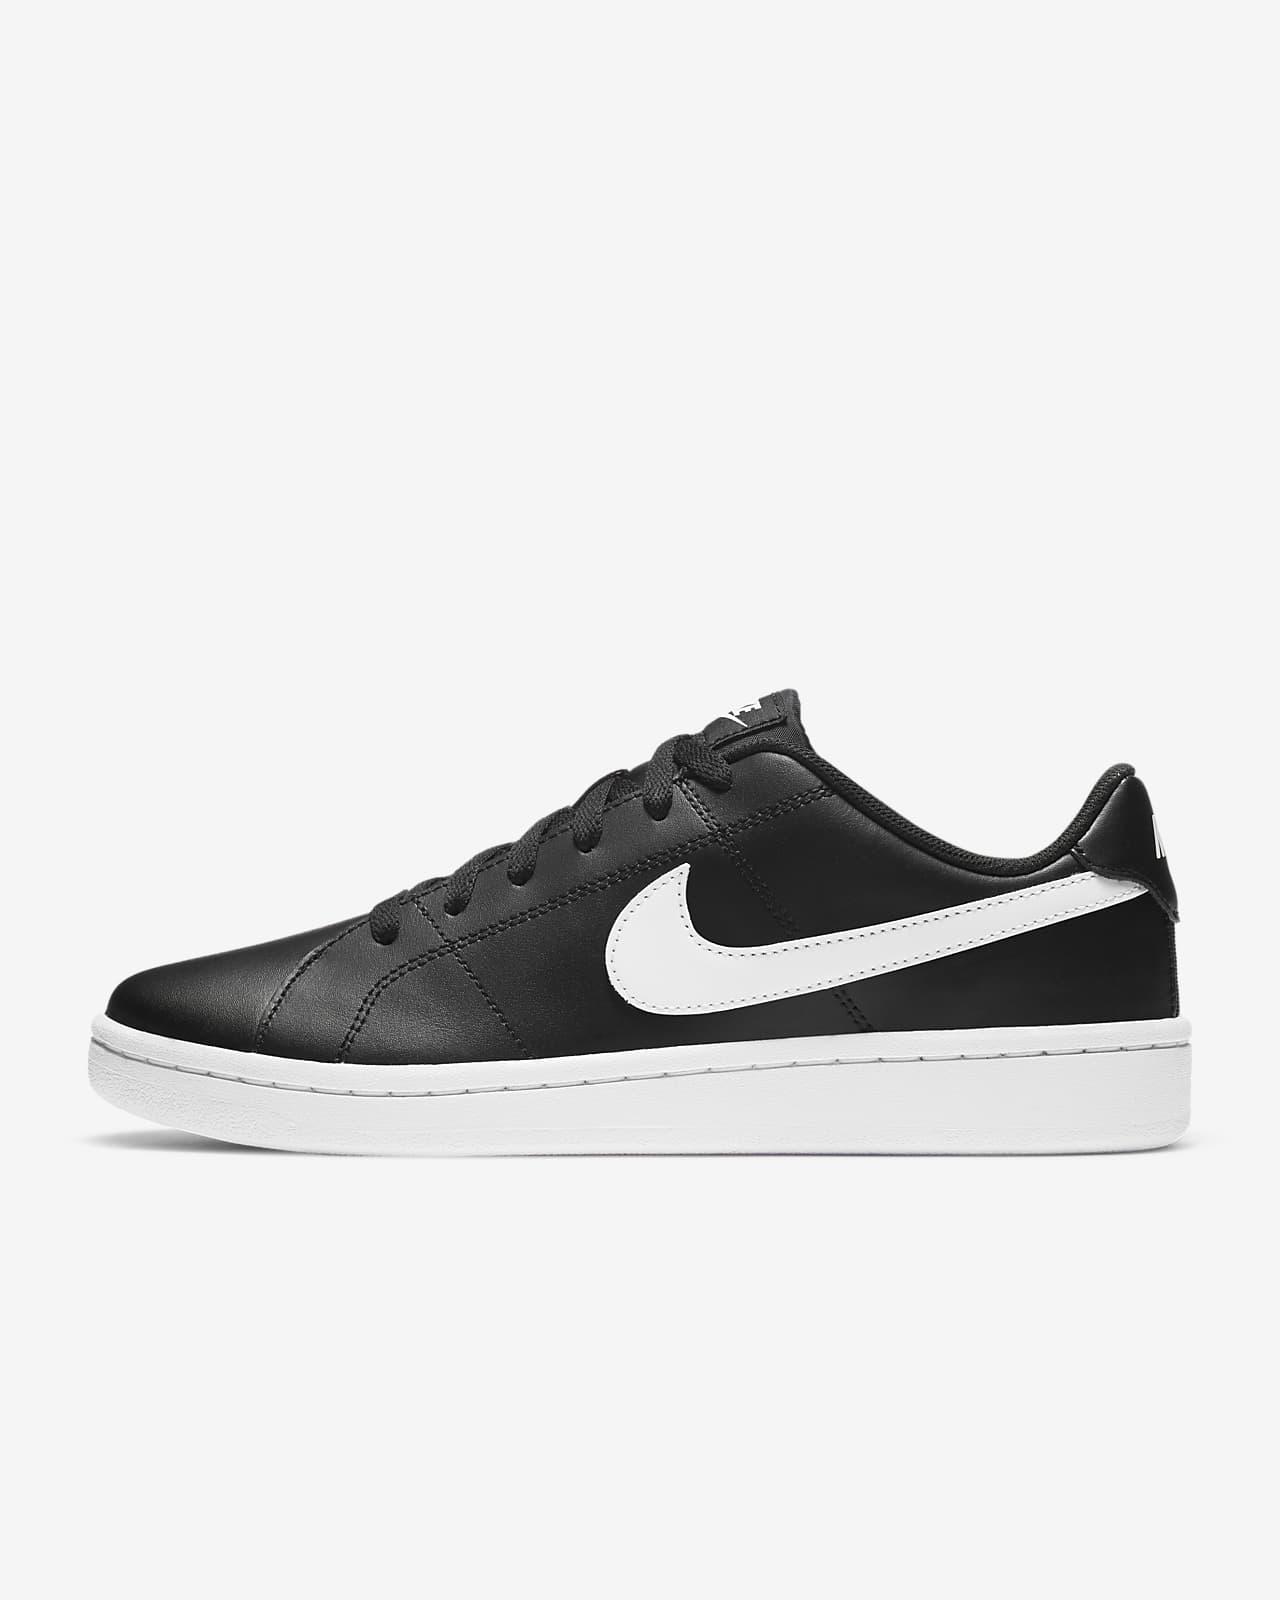 Nike Court Royale 2 Low Men's Shoe